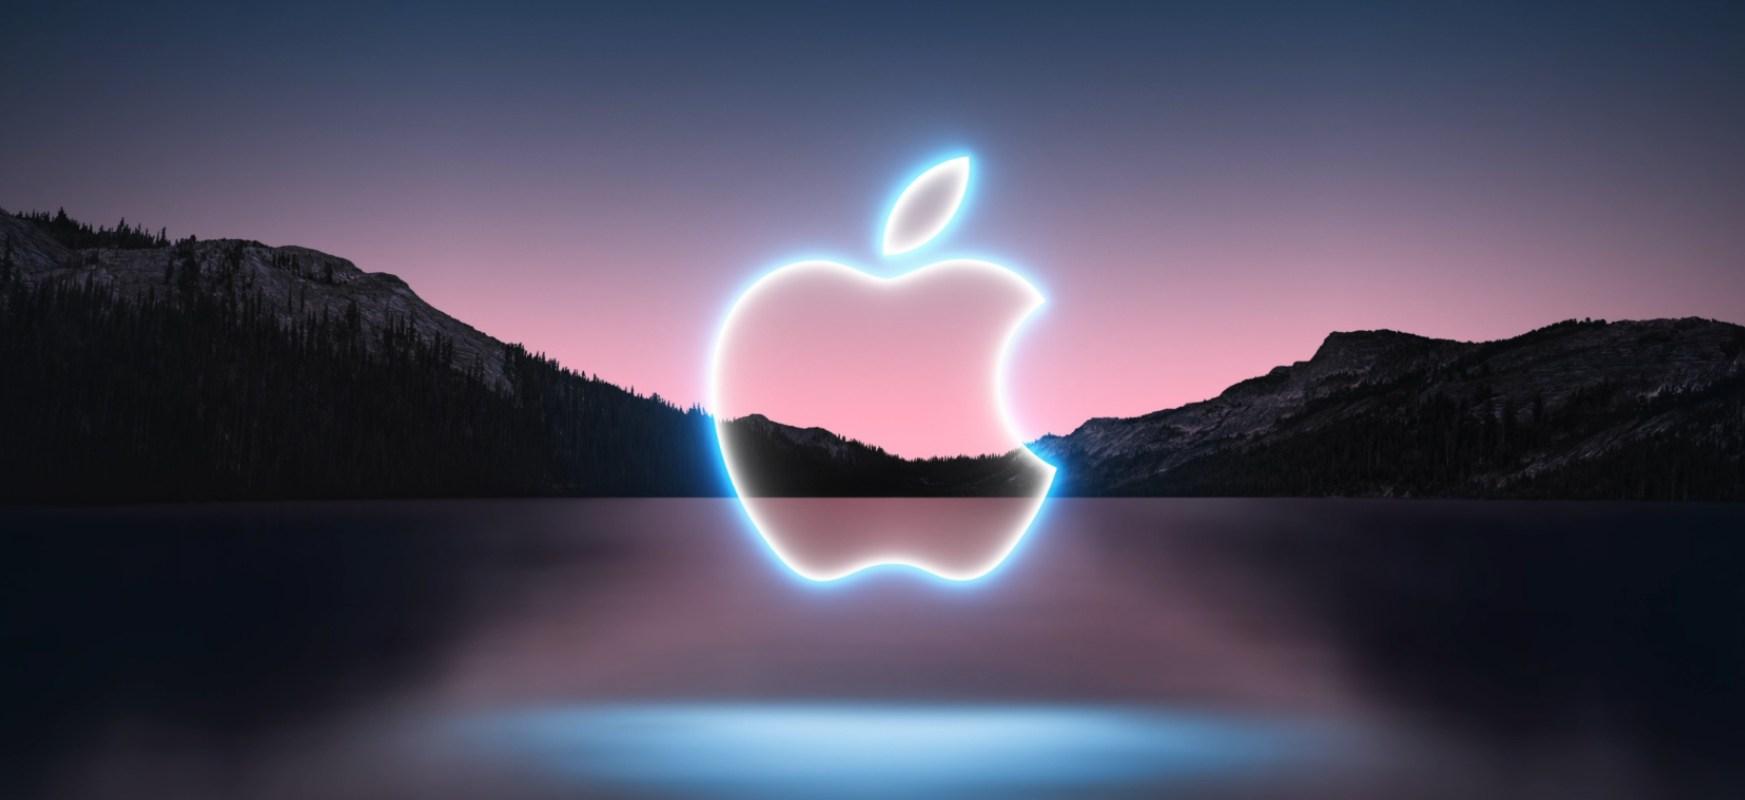 iPhone 13 - premiera już dziś. Jak i gdzie oglądać konferencję z prezentacją najnowszego smartfona Apple?